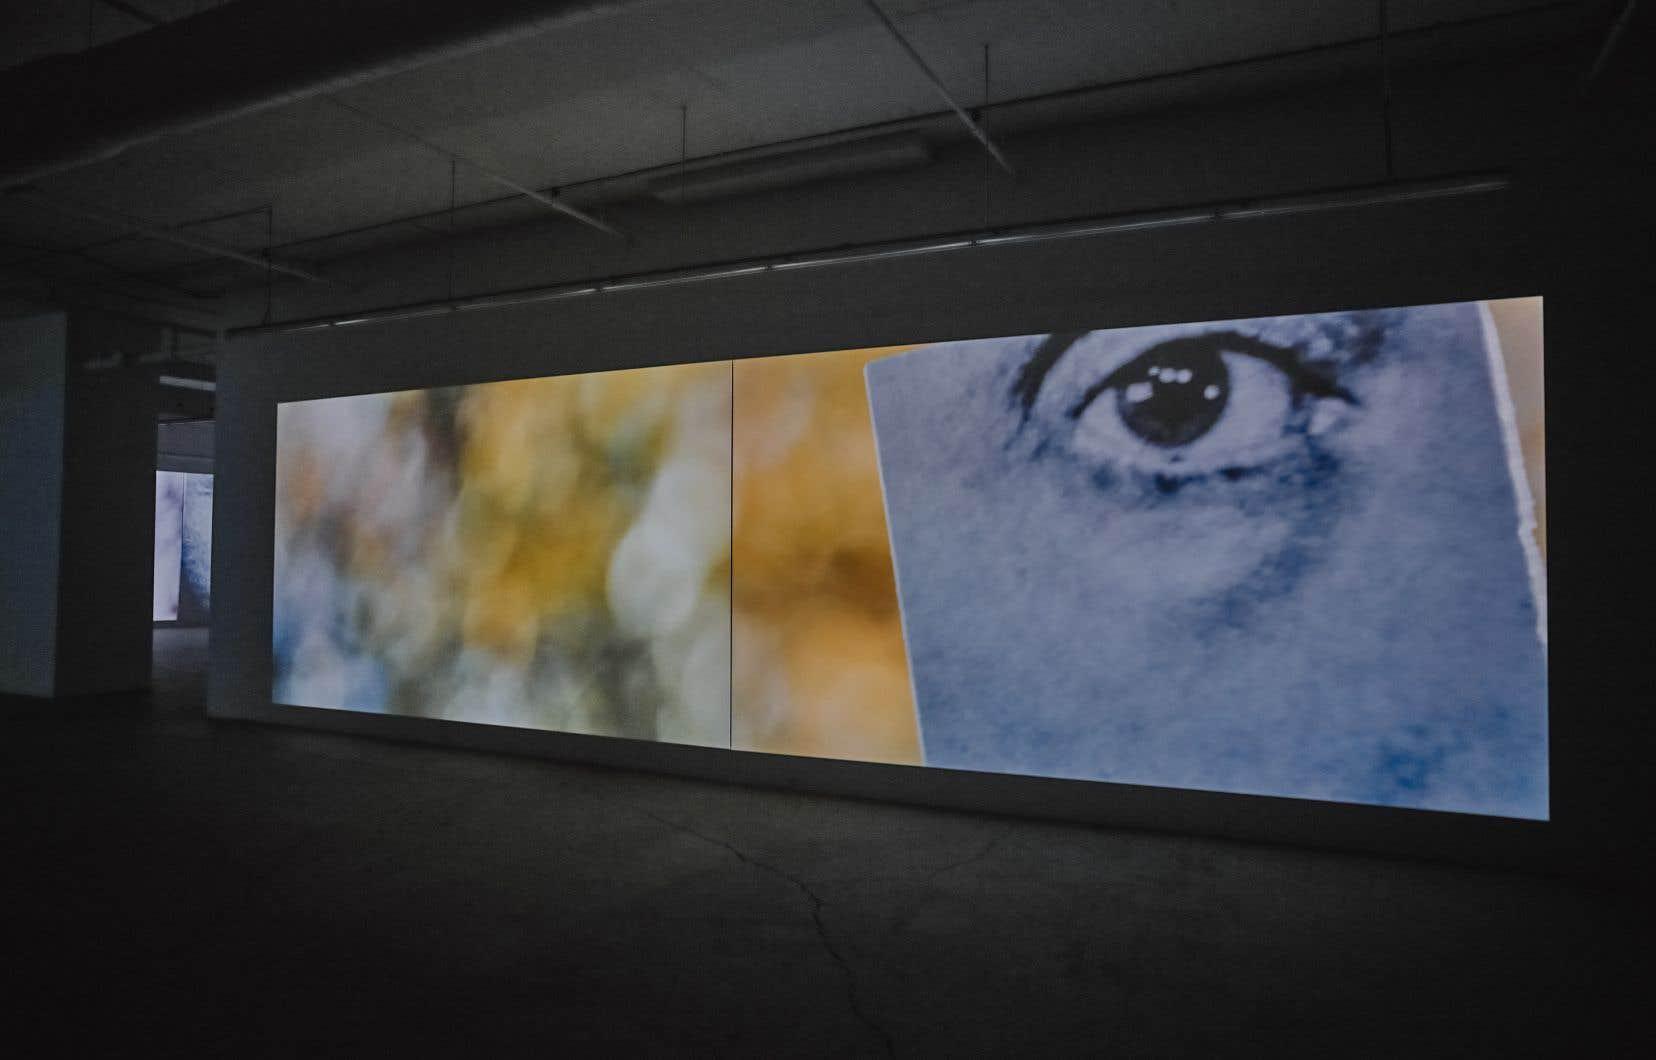 La particularité de l'installation tient à la simplicité apparente des vidéos qui se limitent à faire voir des images tourner sur elles-mêmes, détachées sur un fond très flou créant un avant-plan et un arrière-plan fort dissociés.